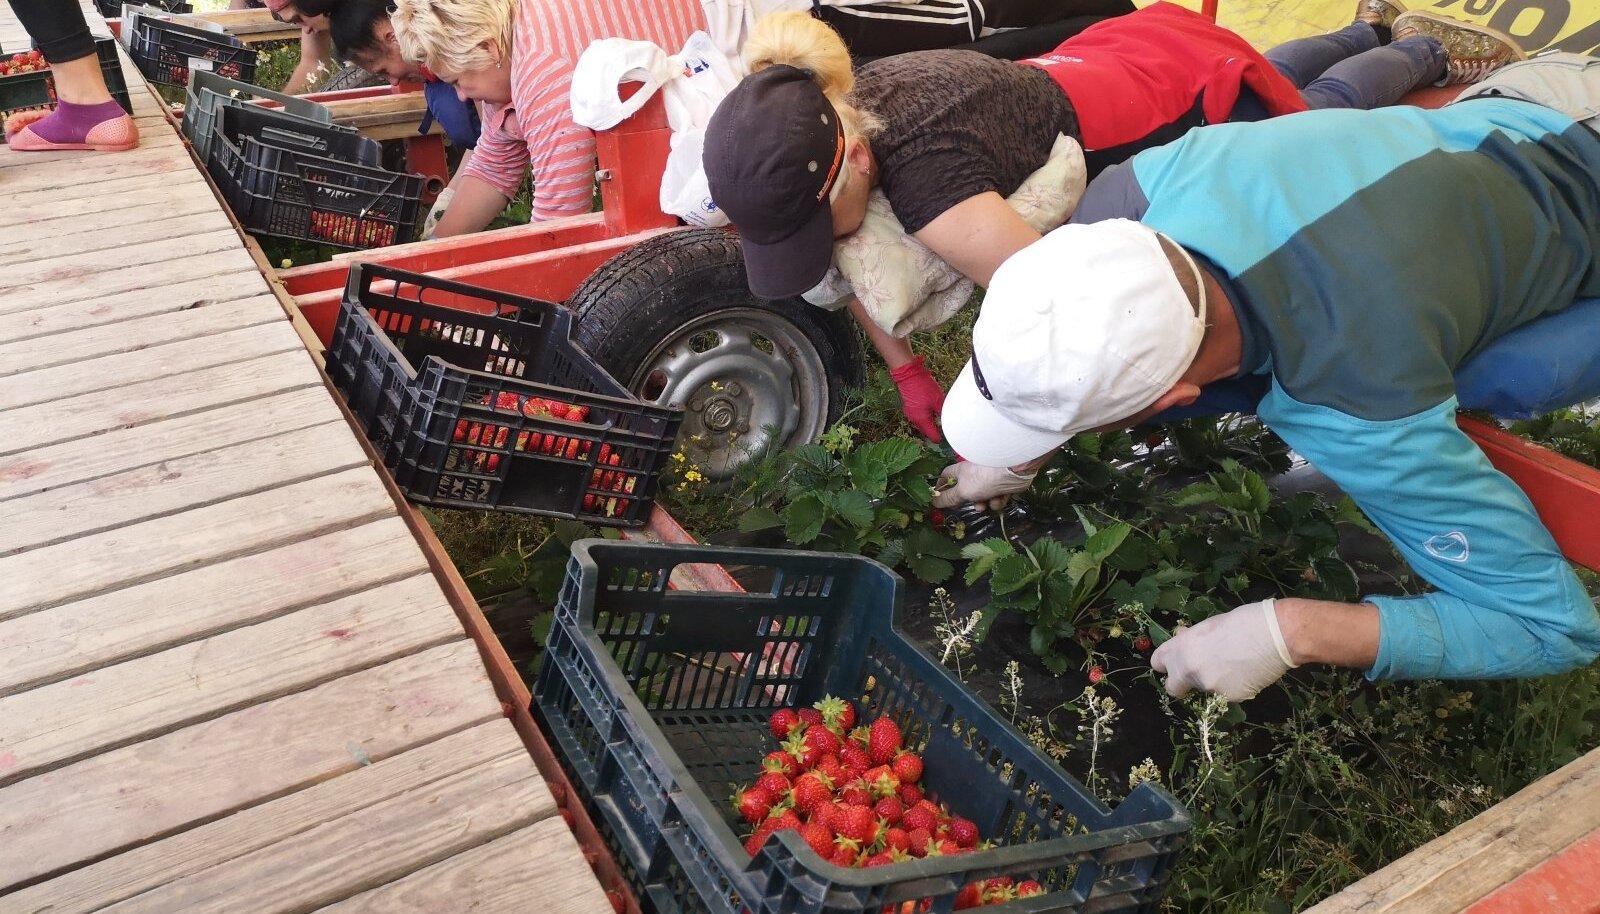 Kui COVID-19 viiruse tõttu ootamatuid piiranguid ei tule, pääseb tänavu hoopis rohkem võõrtöölisi meie maasikapõldudele appi. Pildil Ukraina töölised Marimarta OÜ maasikapõllul 2020. aasta juulis.